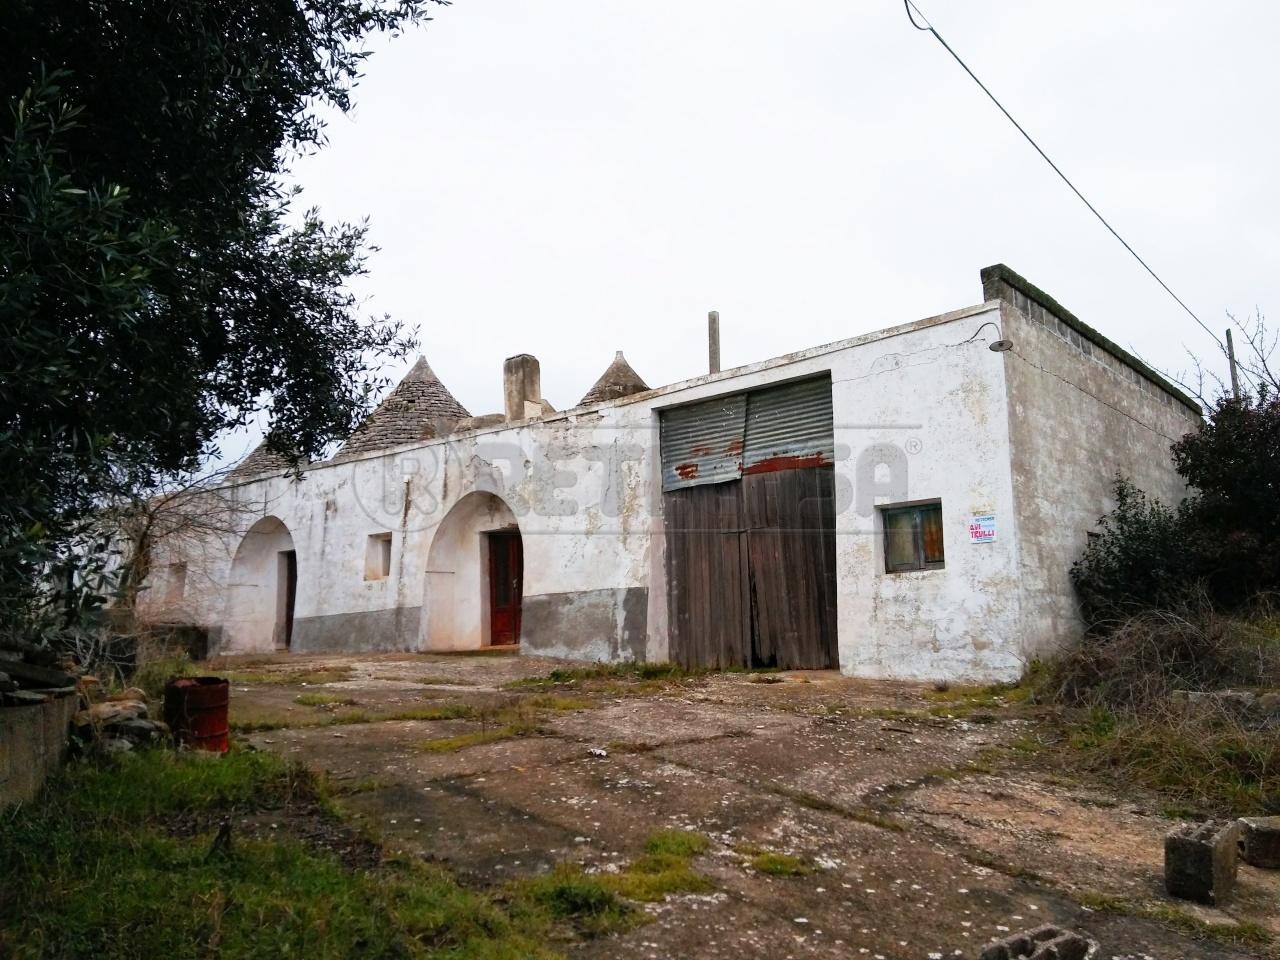 Rustico / Casale in vendita a Locorotondo, 15 locali, prezzo € 190.000 | Cambio Casa.it